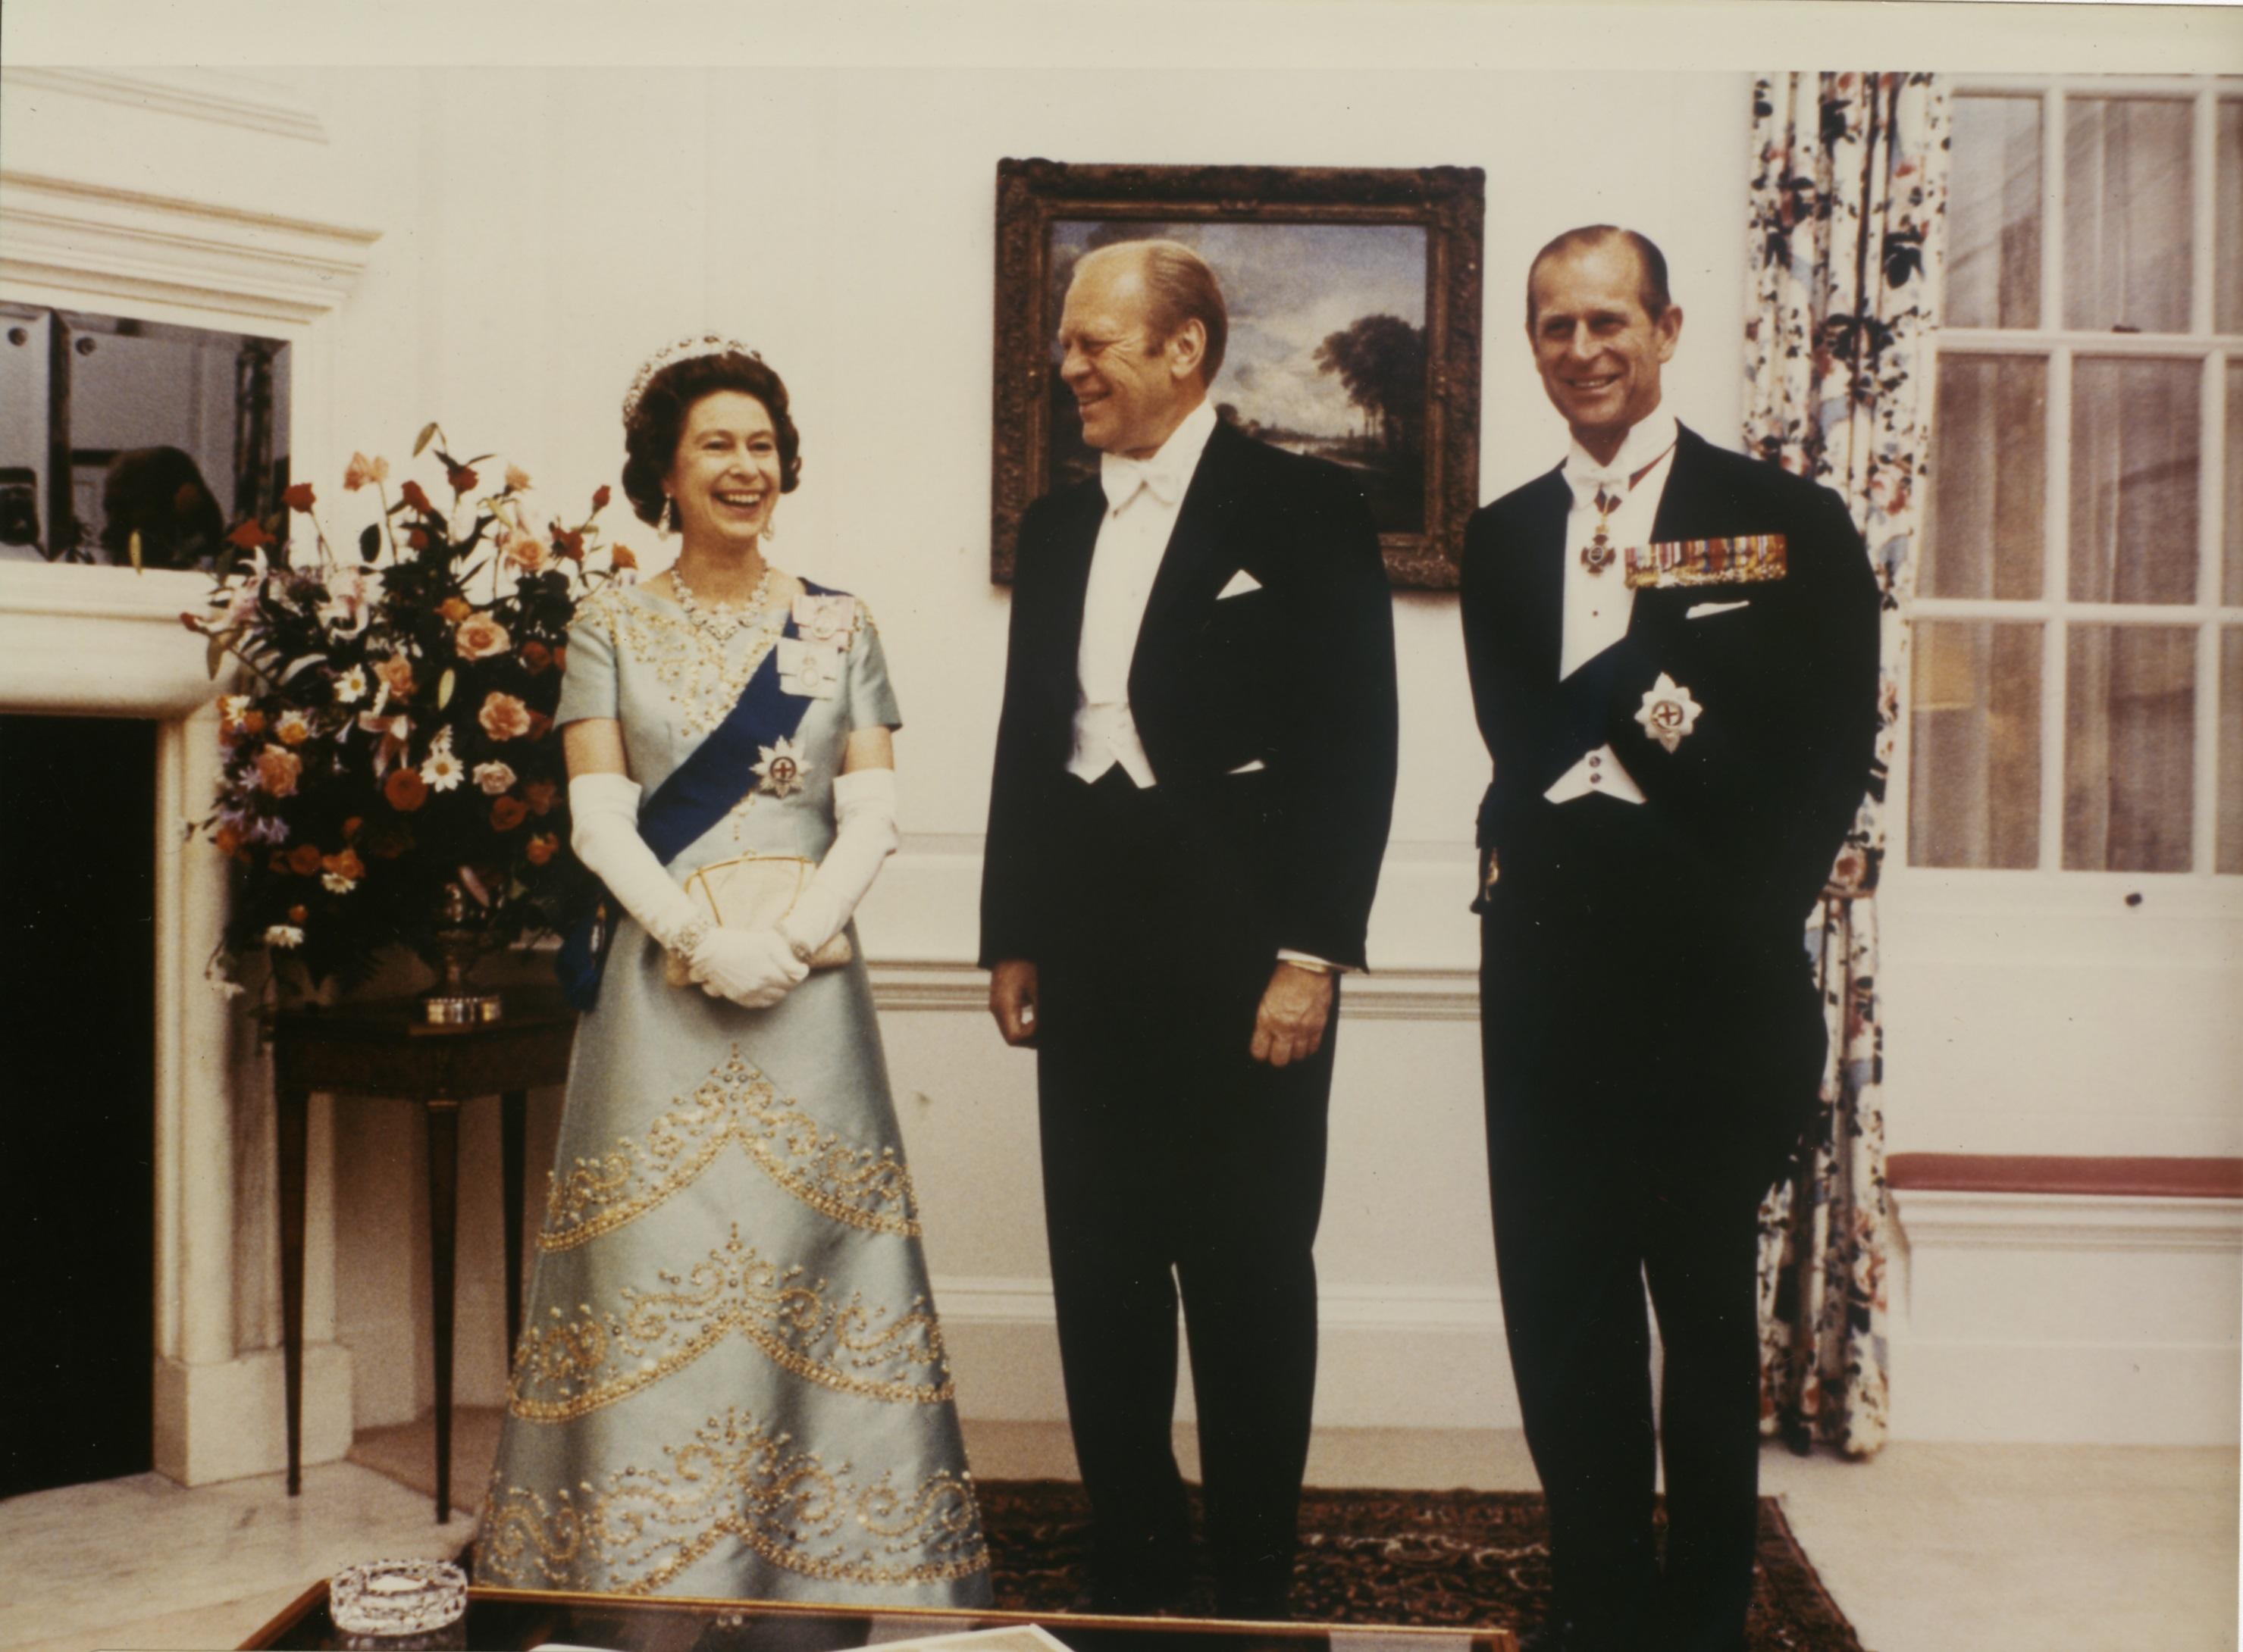 تاریخچه دیدارهای روسای جمهور آمریکا با ملکه انگلیس